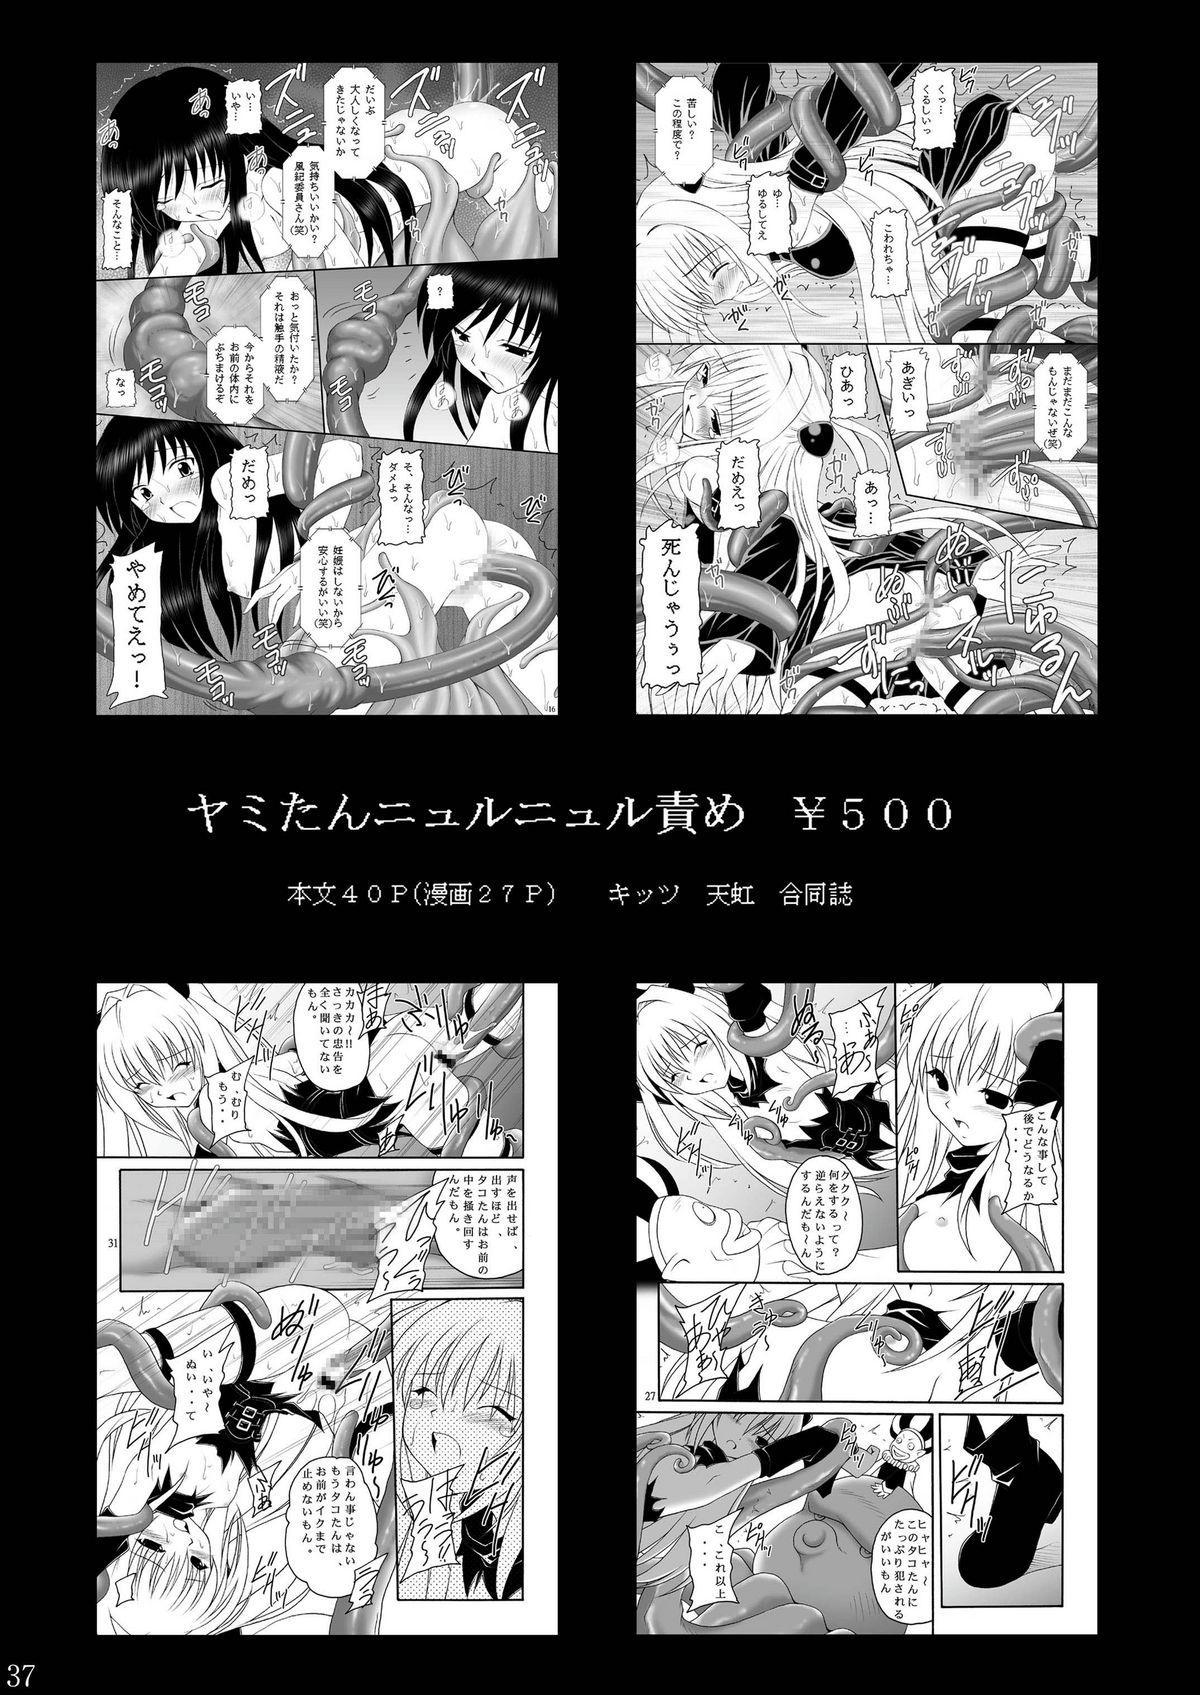 Seishin Houkai suru made Kusuguri Makutte Ryoujoku shite miru Test 36